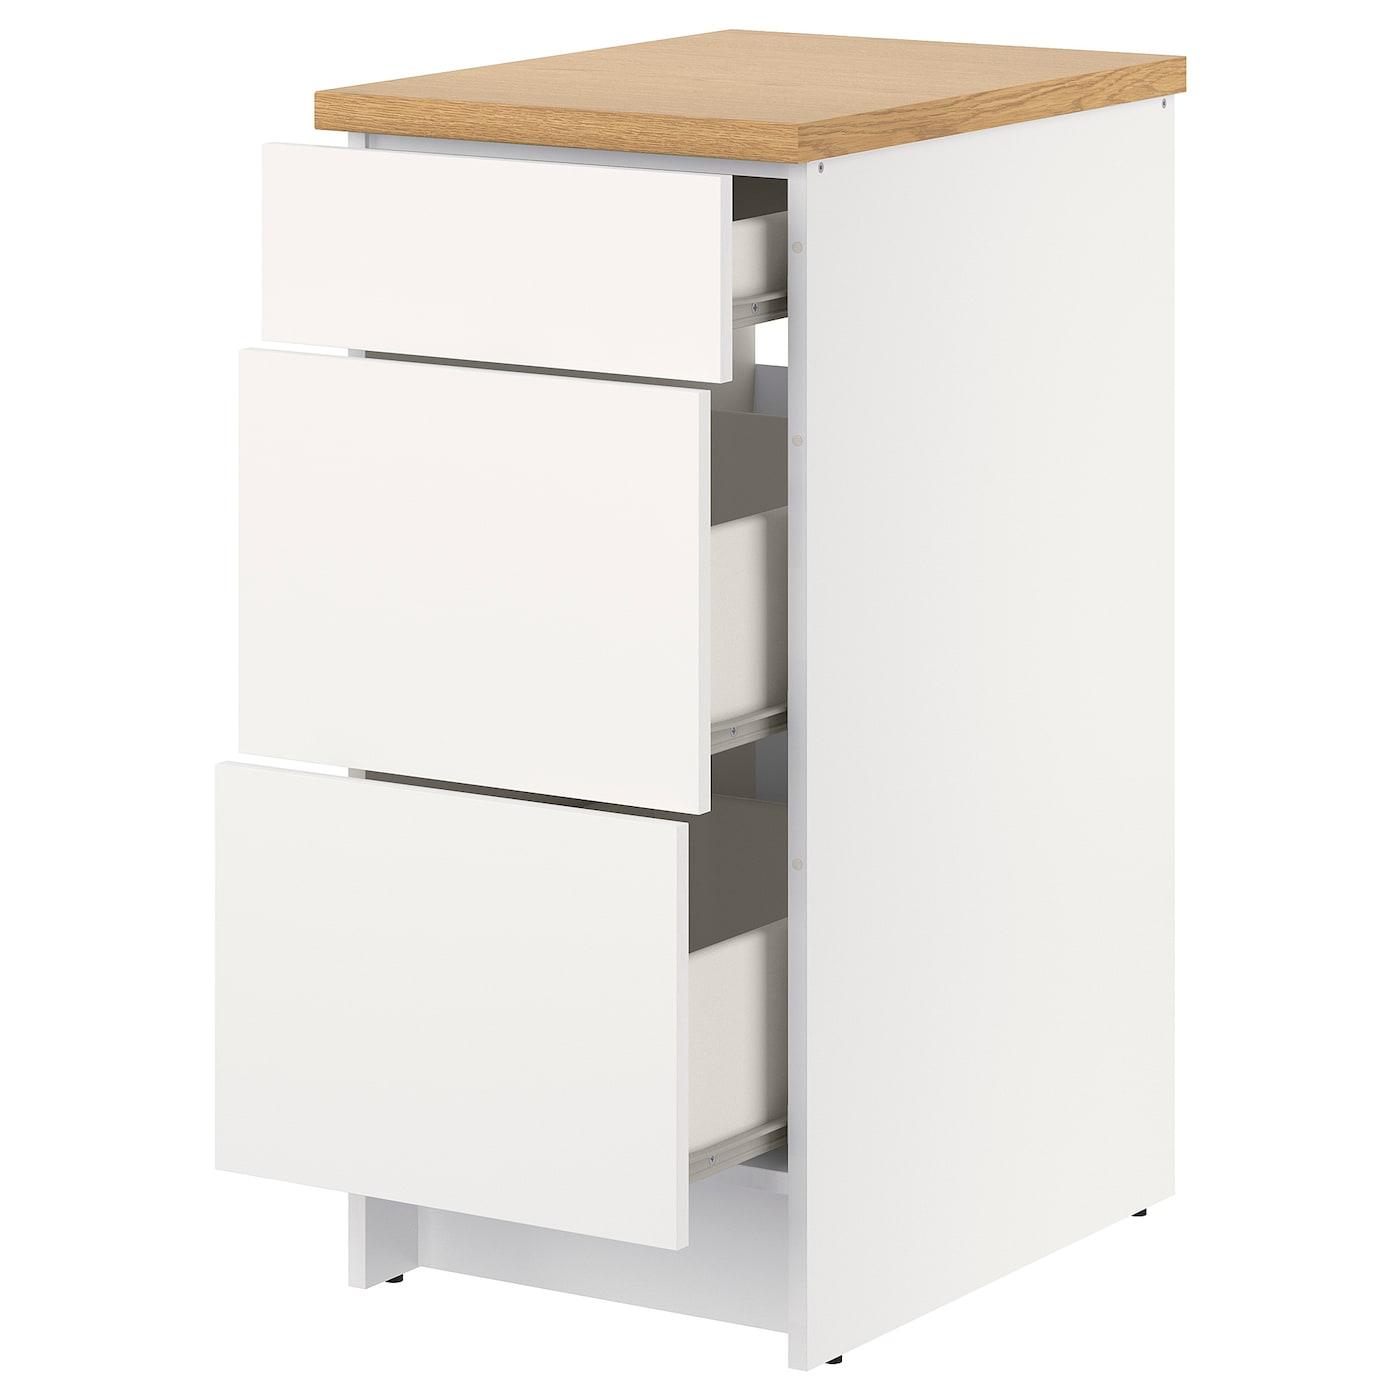 Knoxhult Élément Bas Avec Tiroirs - Blanc 40 Cm intérieur Meuble Bas Cuisine 50 Cm Largeur Ikea